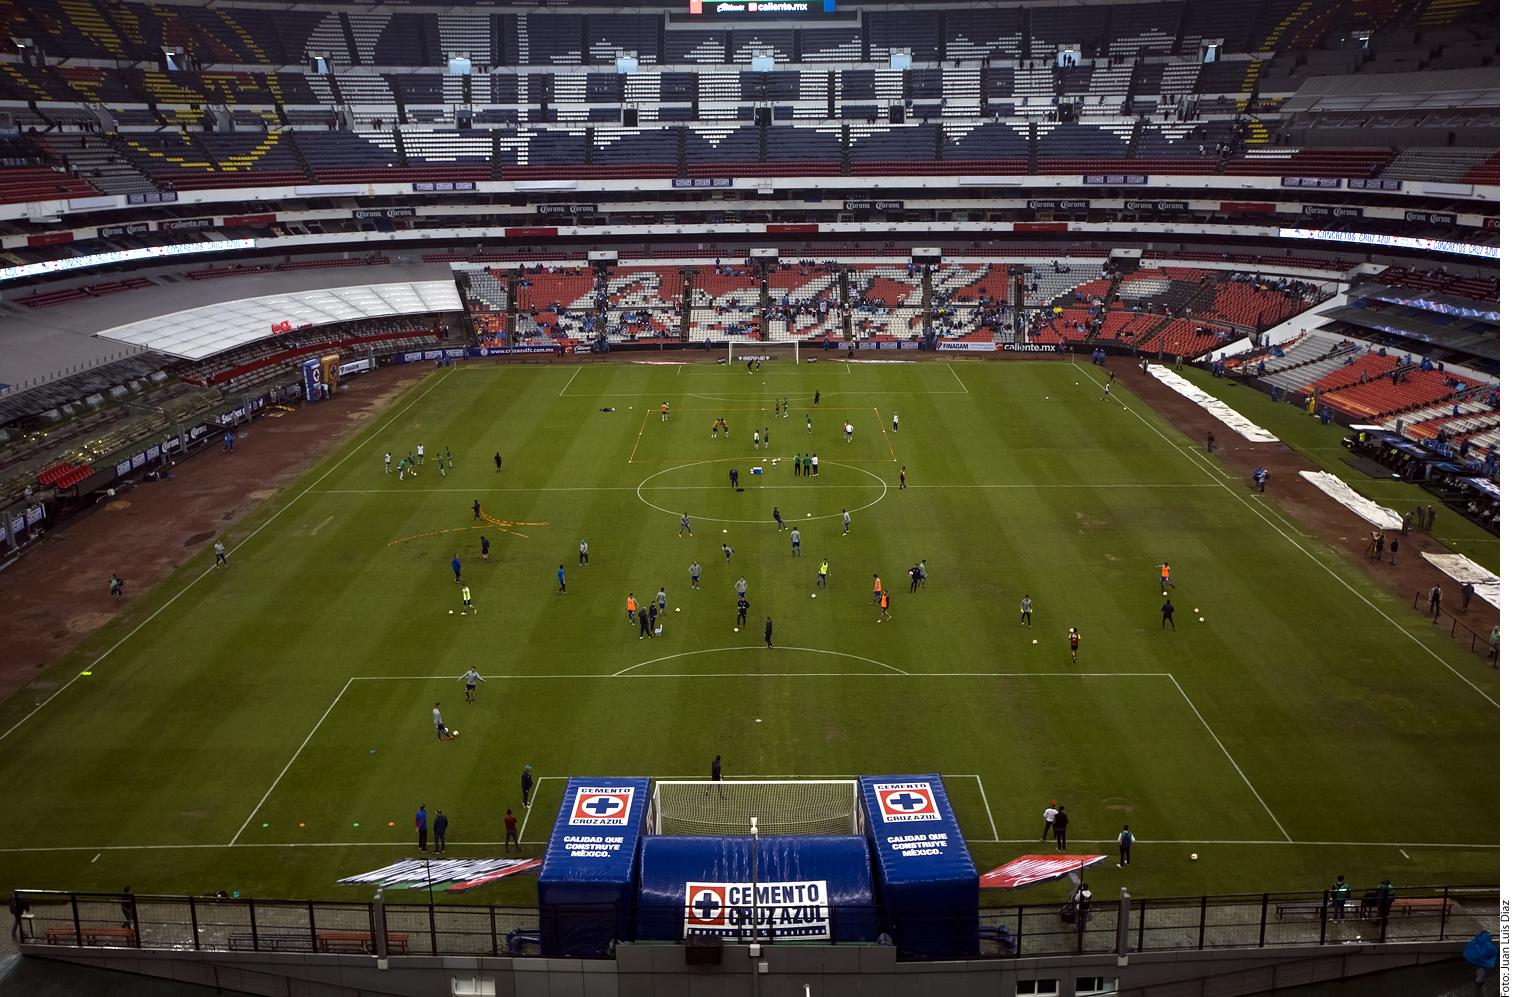 El nuevo césped del estadio Azteca estará listo el 15 de septiembre